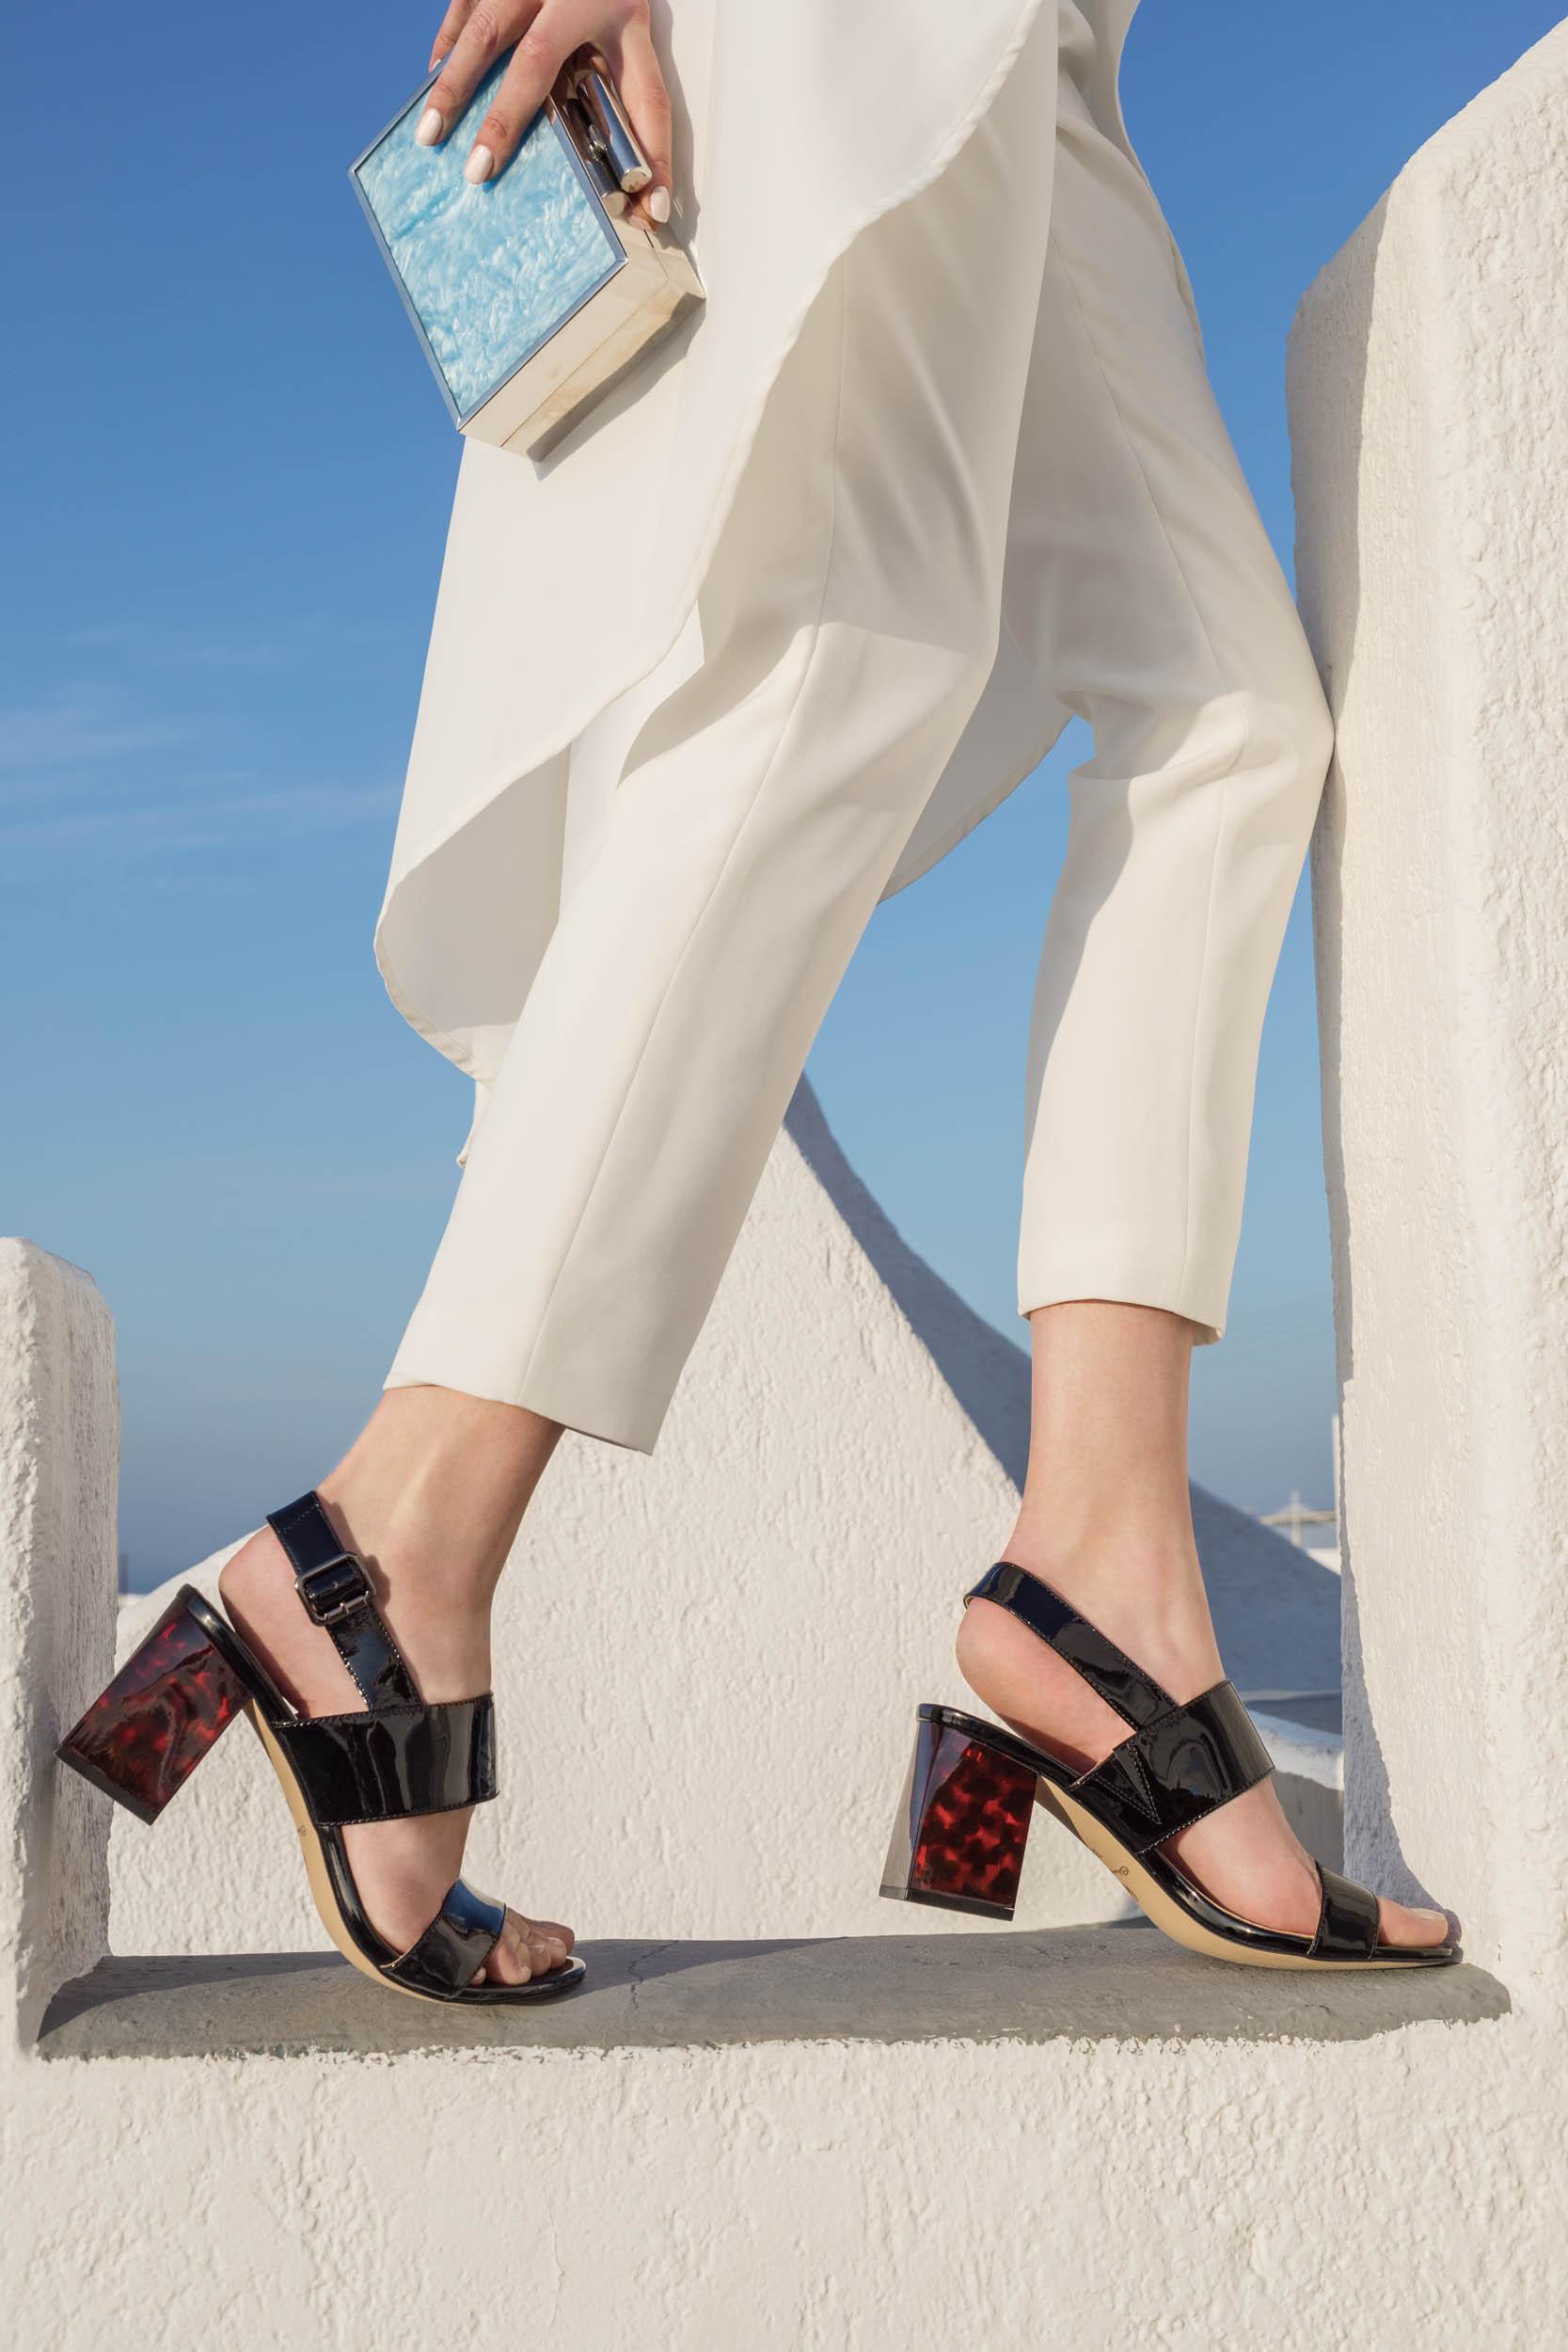 «Эконика» представляет новую весенне-летнюю коллекцию обуви и аксессуаров